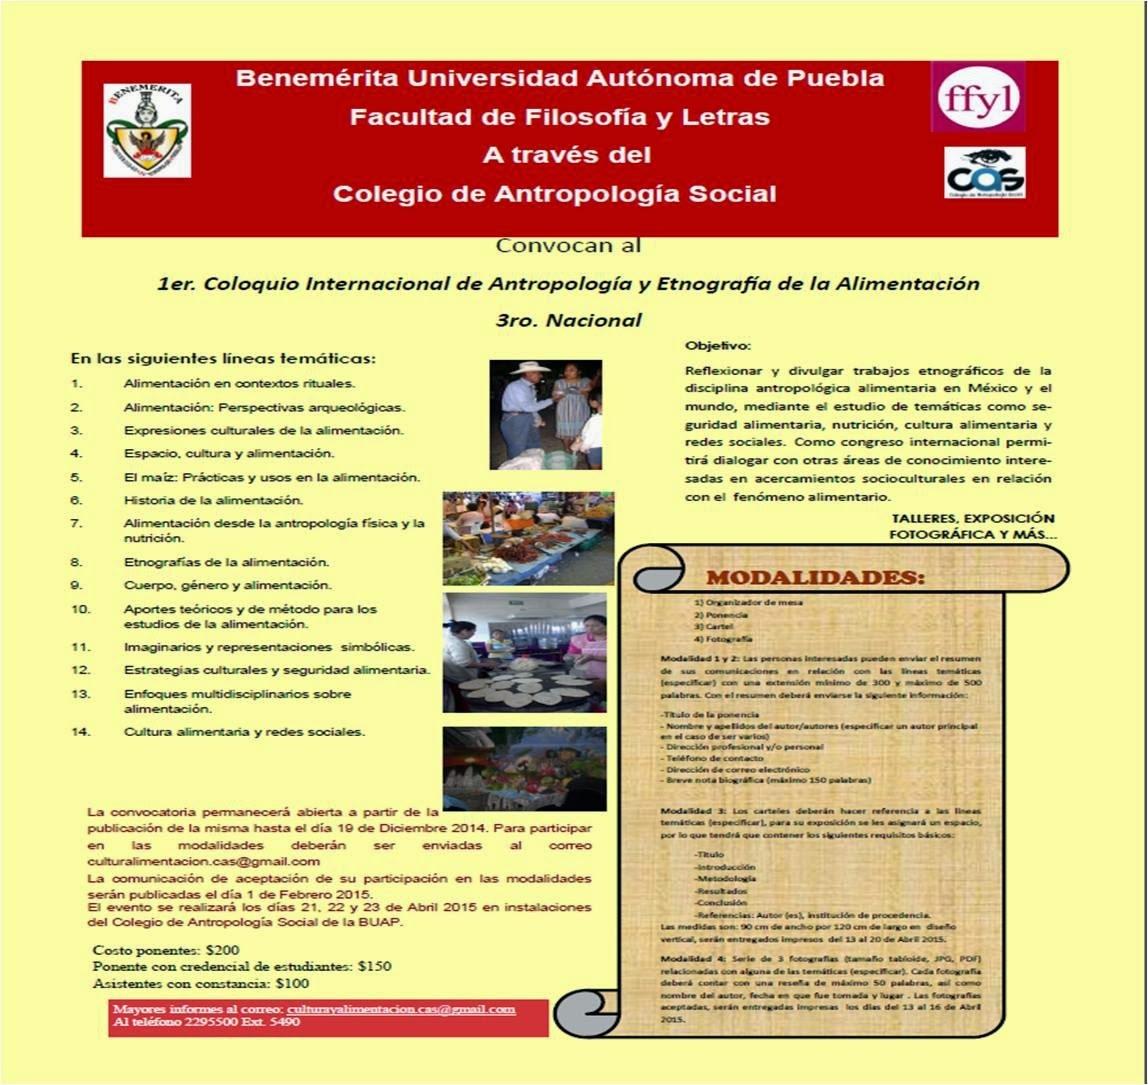 CONVOCATORIA 1er. Coloquio Internacional de Antropología y Etnografía de la Alimentación